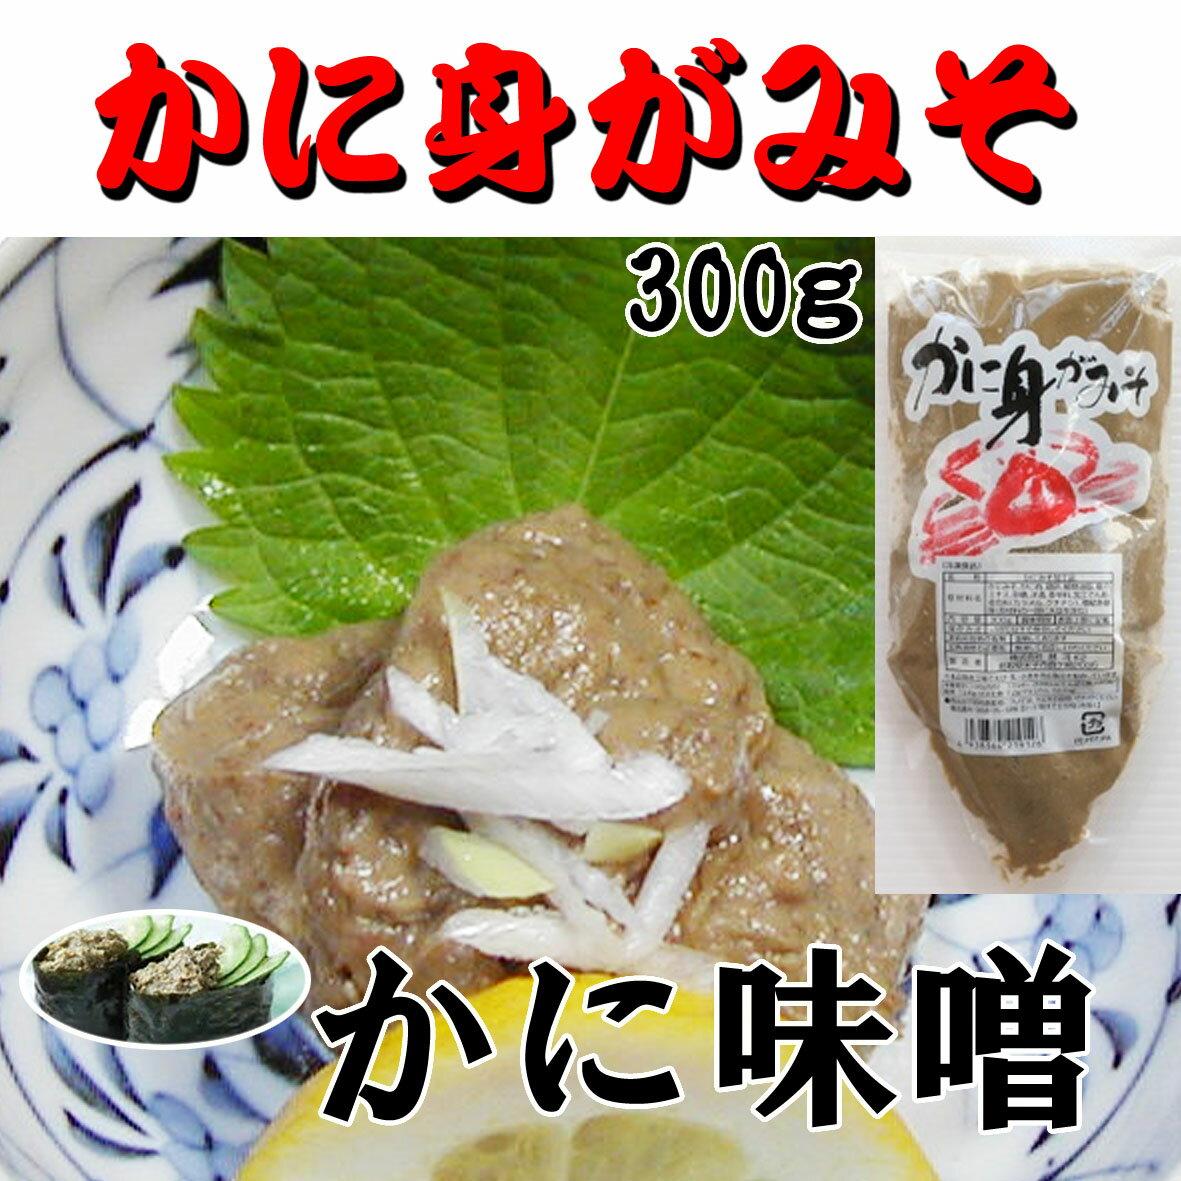 かにみそ 300g【蟹味噌】【カニミソ】【業務用】